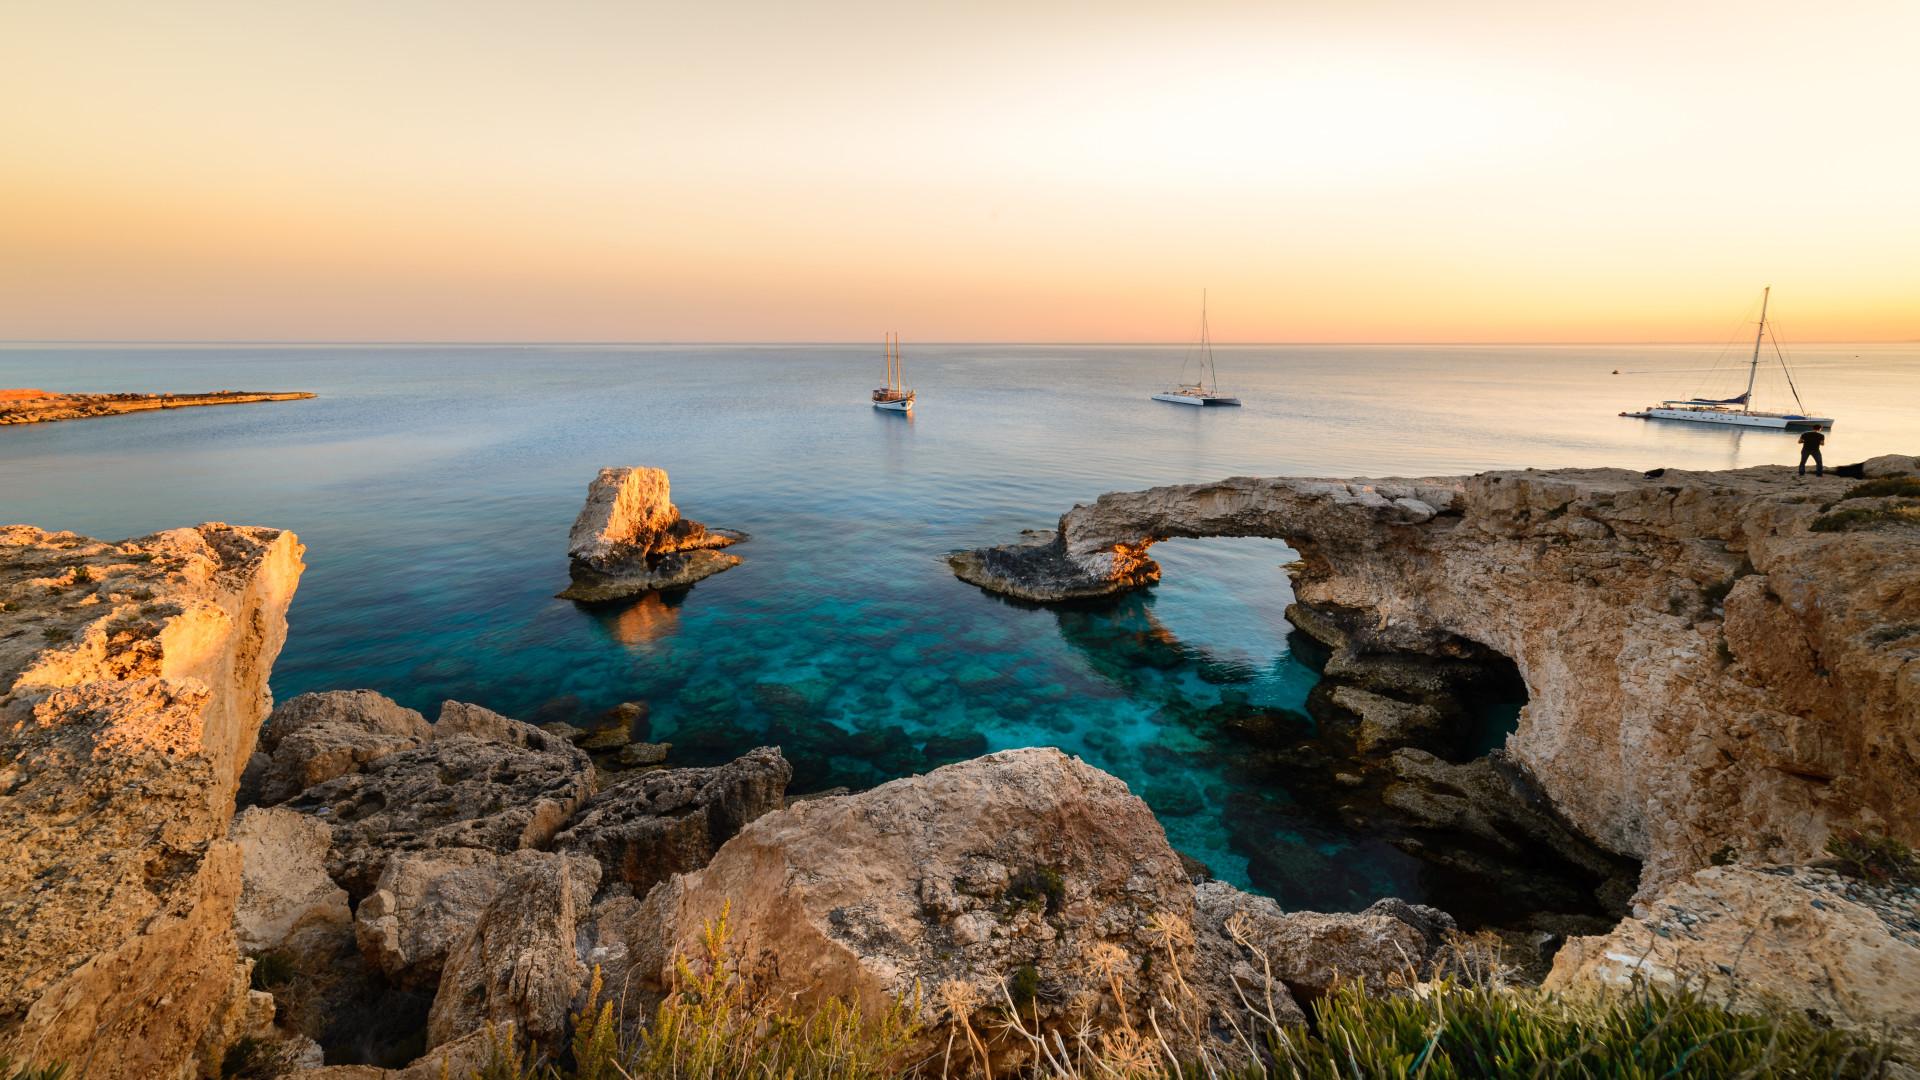 Prachtige zonsondergang aan de kust van Ayia Napa op Cyprus